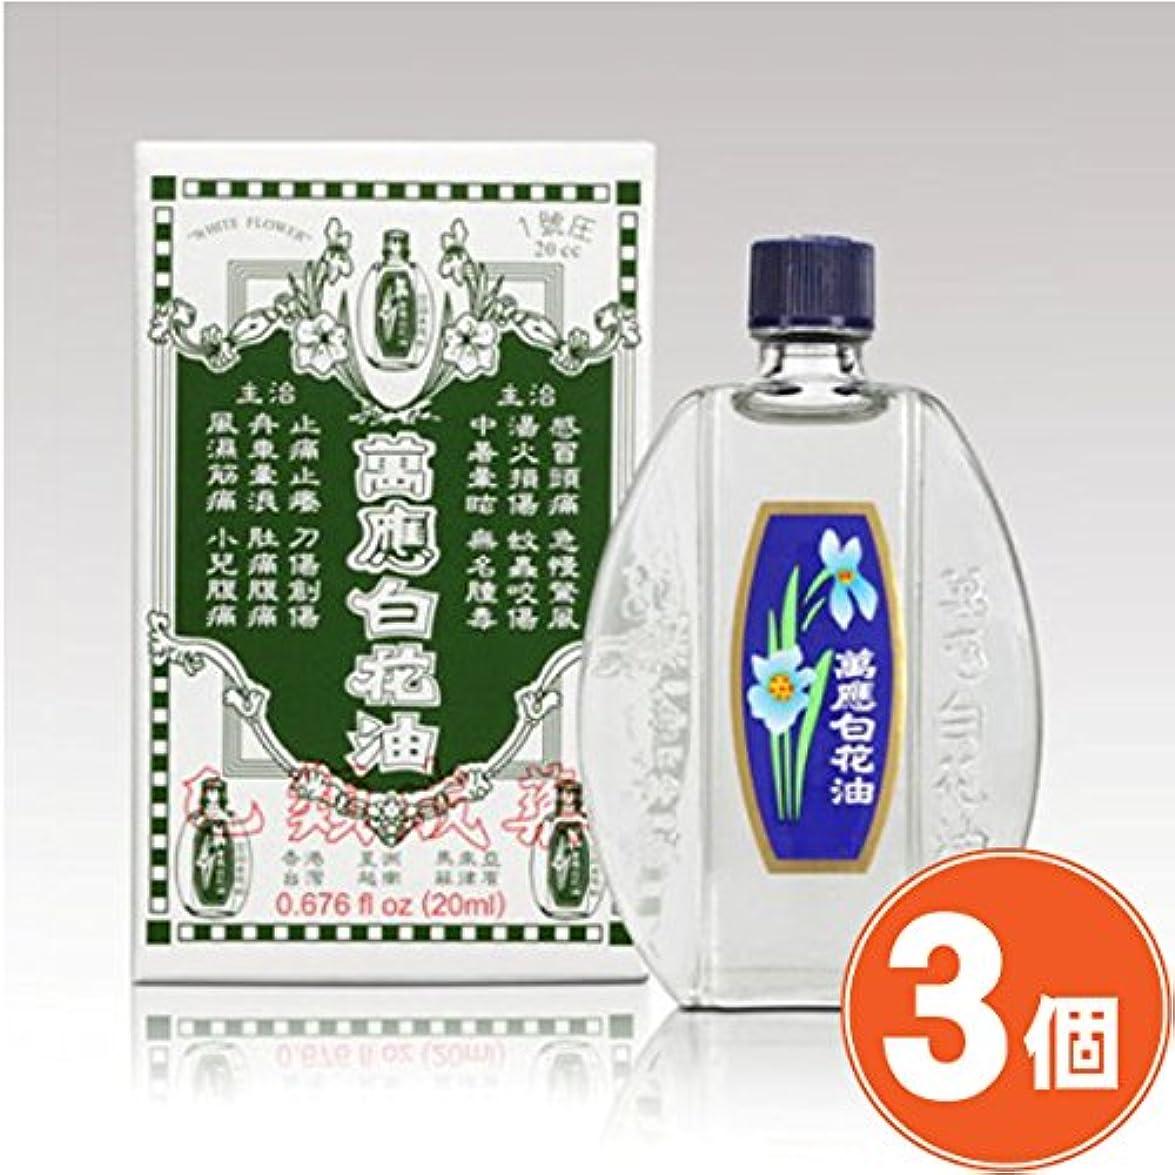 夜間才能のある西《萬應白花油》 台湾の万能アロマオイル 万能白花油 20ml × 3個《台湾 お土産》 [並行輸入品]